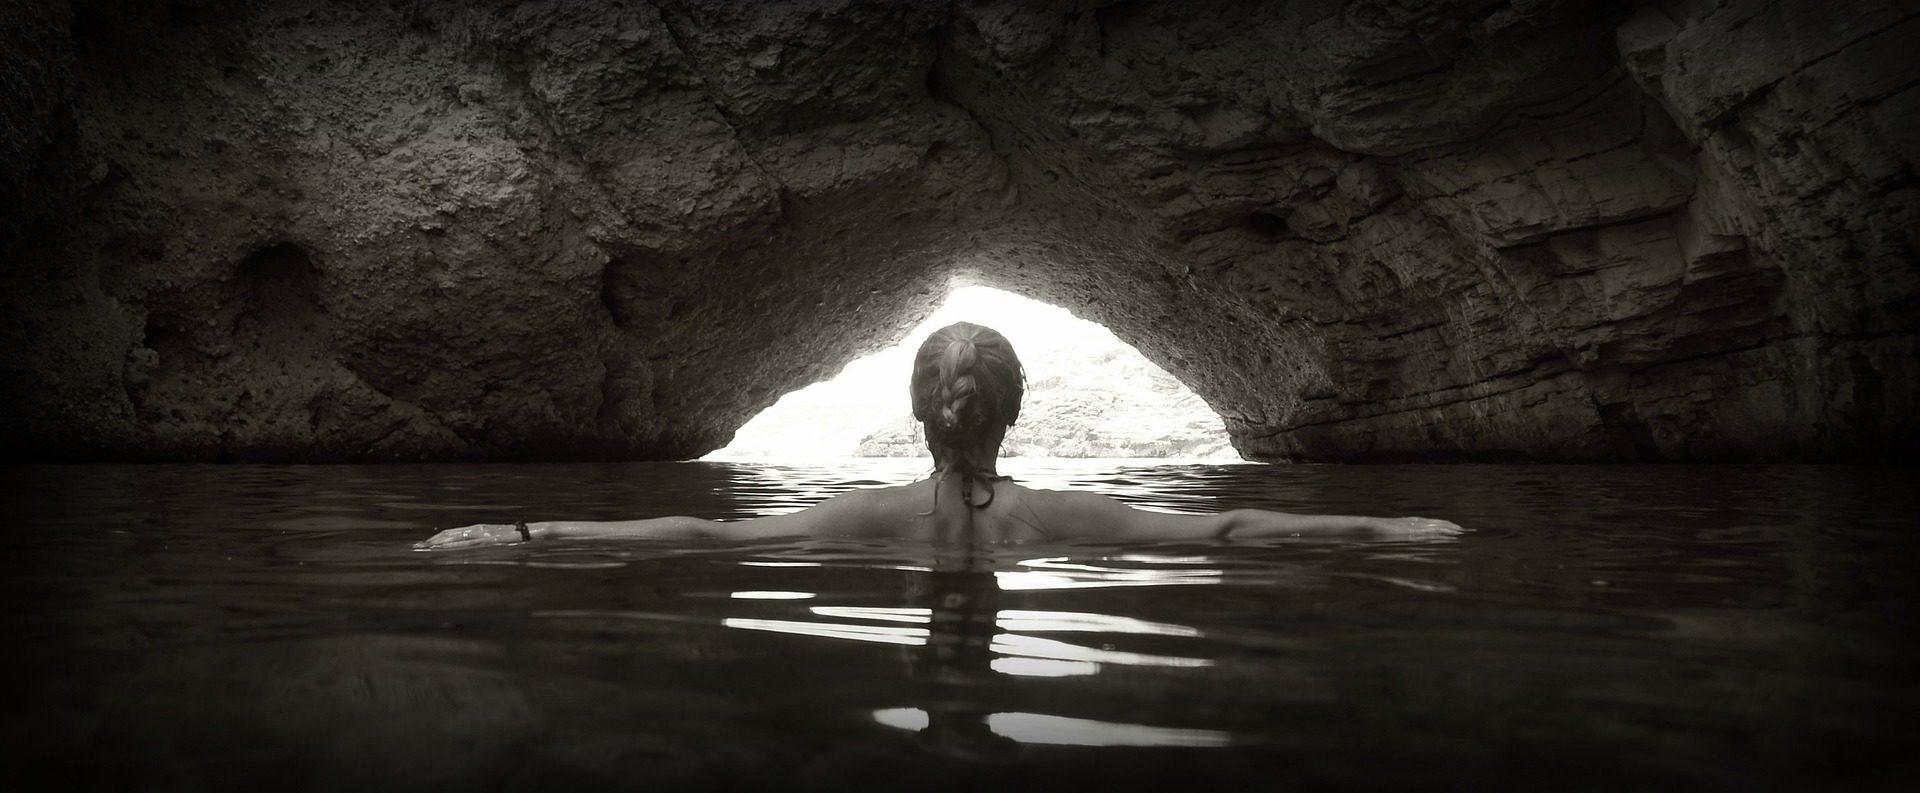 mulher, água, casa de banho, Cueva, oco, luz, Mar - Papéis de parede HD - Professor-falken.com